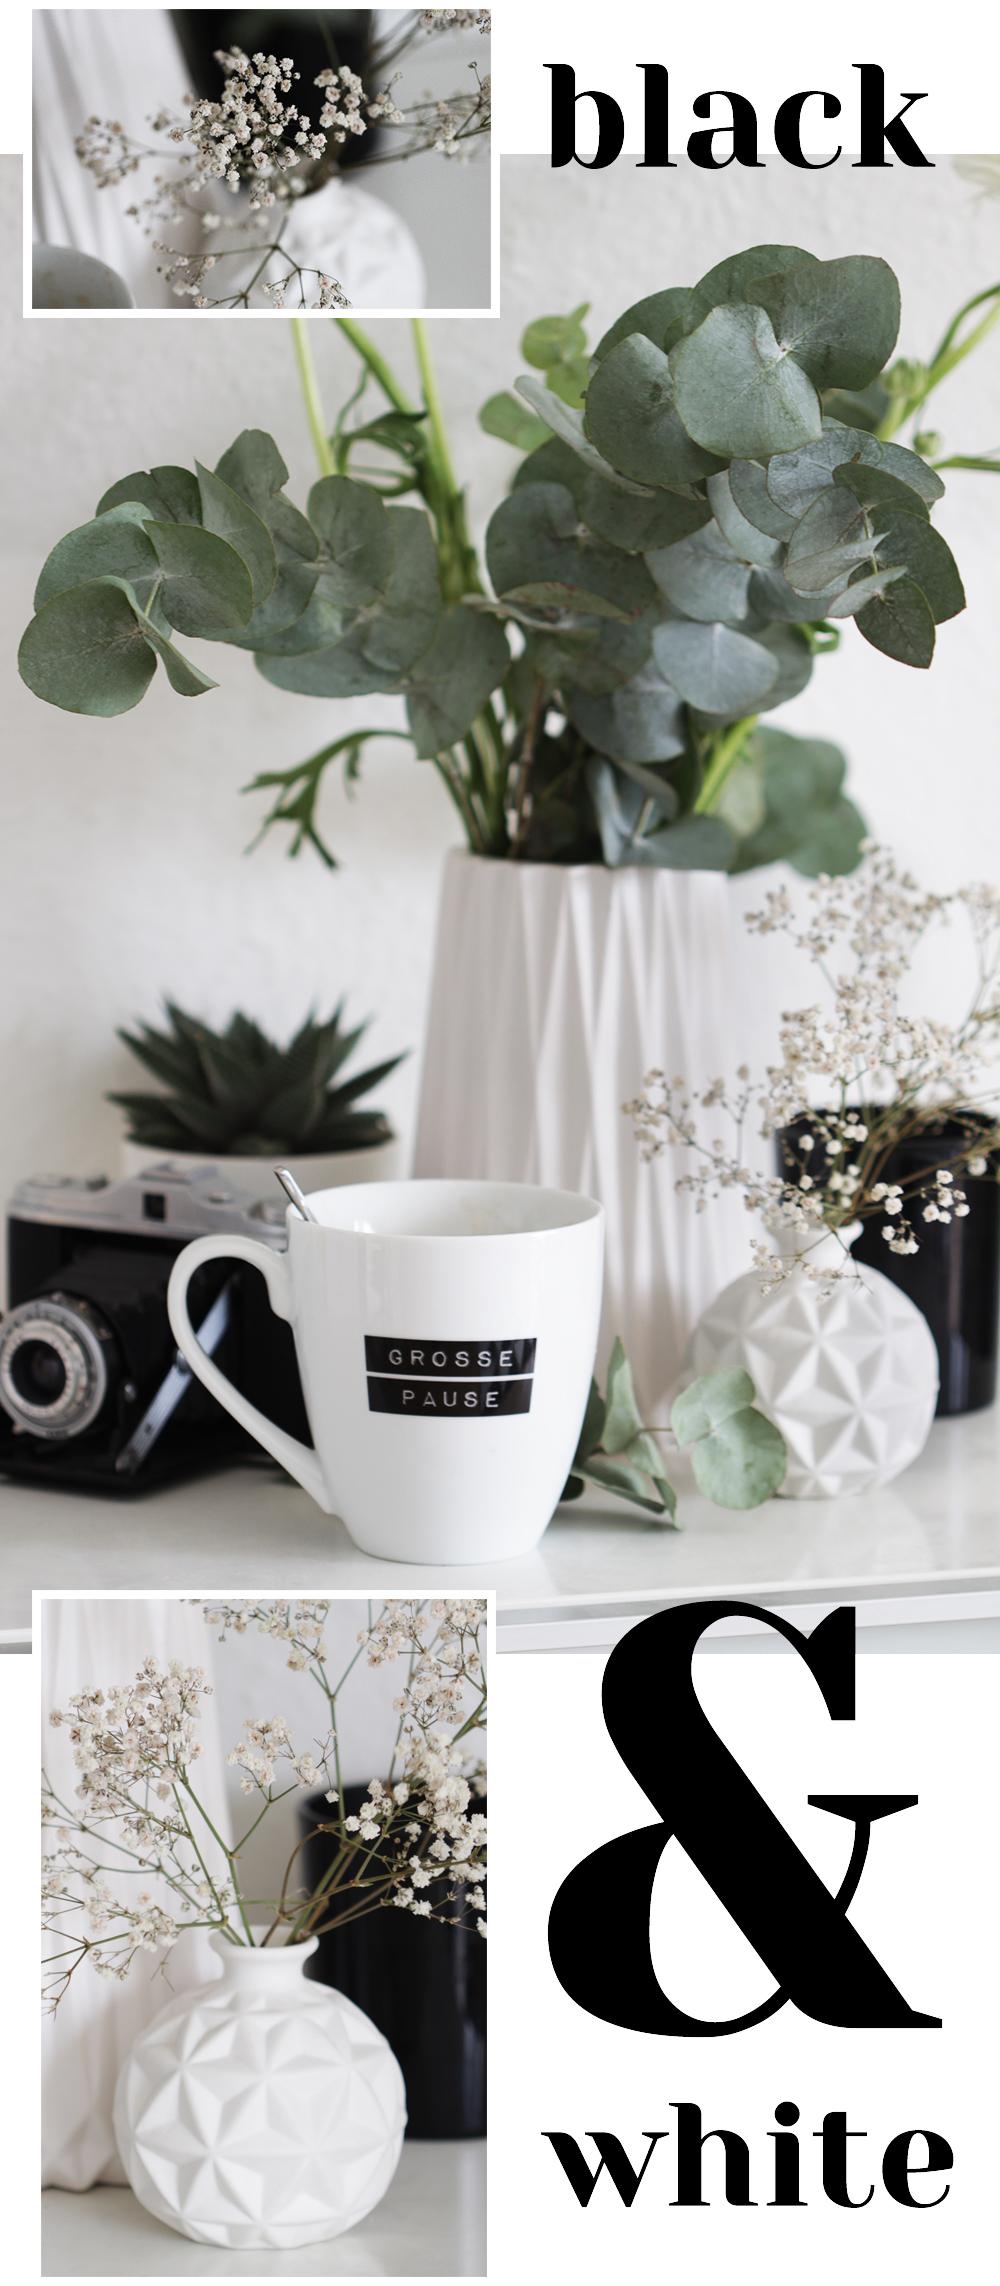 schwarzweiße Dekoration und Designelemente